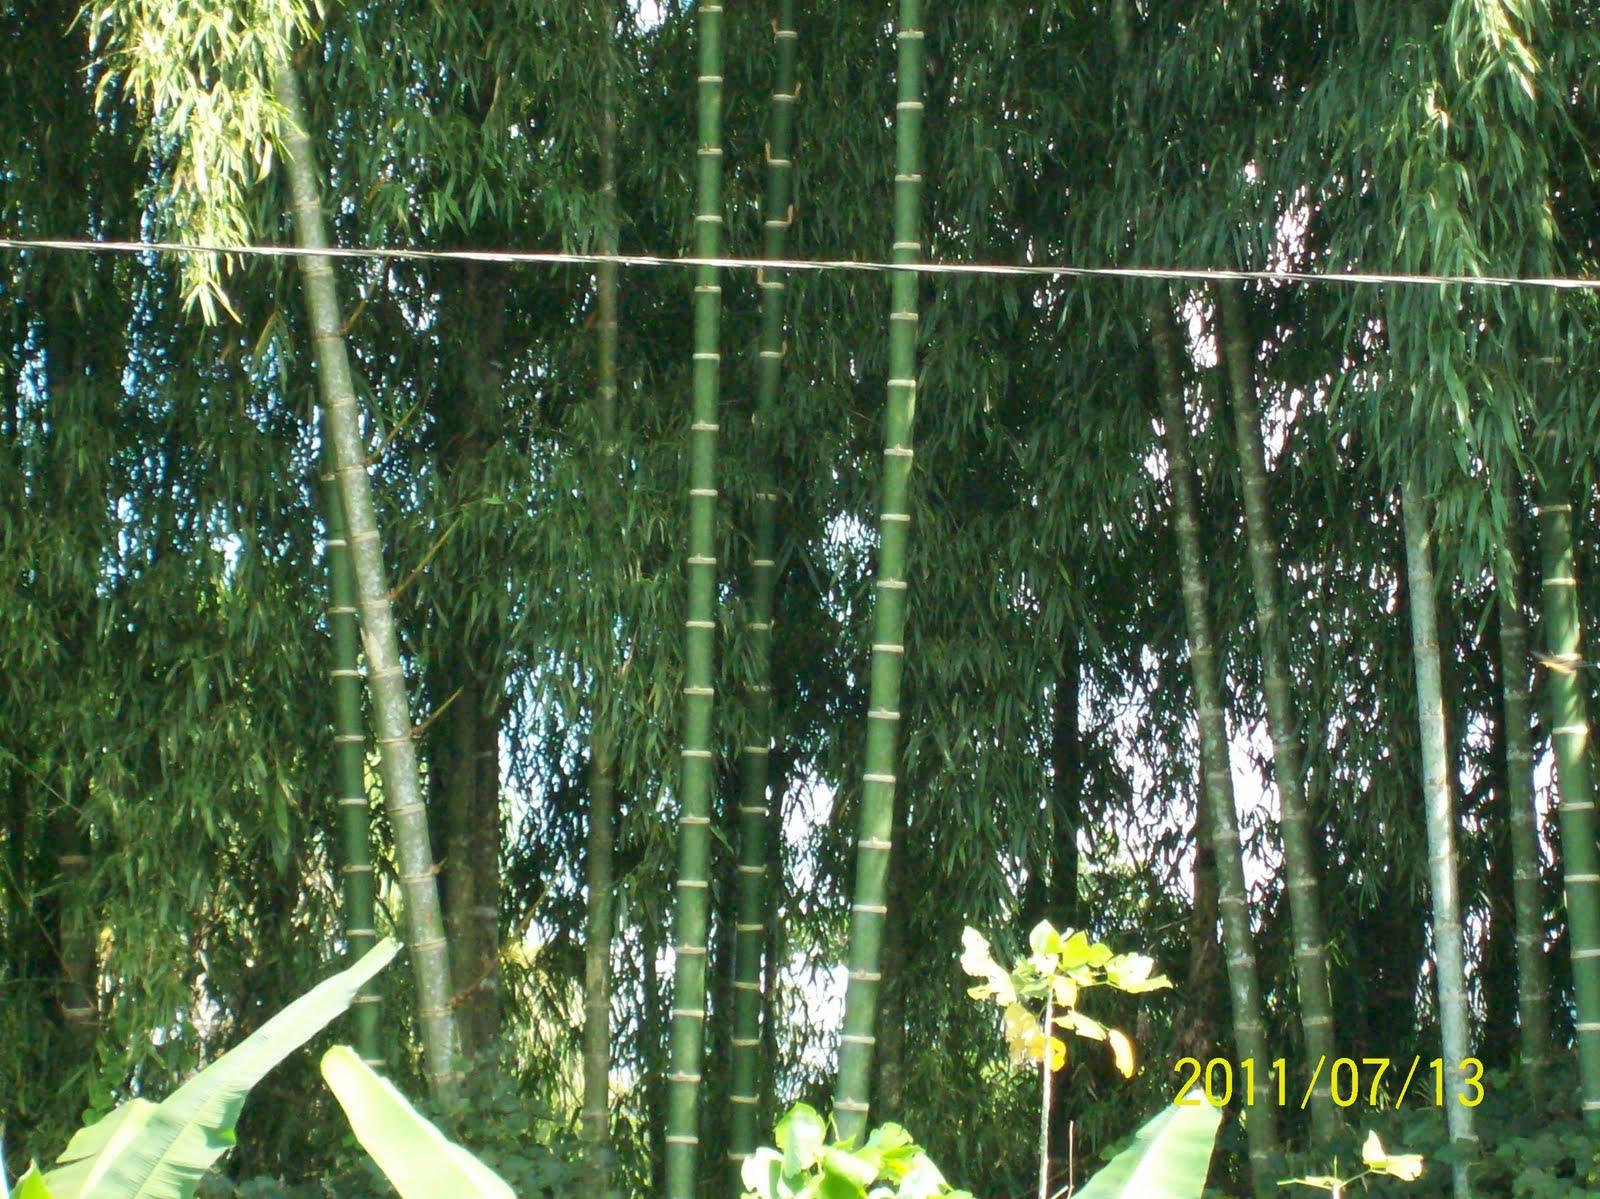 Capacitan a pobladores sobre cultivo y comercializaci n de bamb en aucayacu - Cultivo del bambu ...